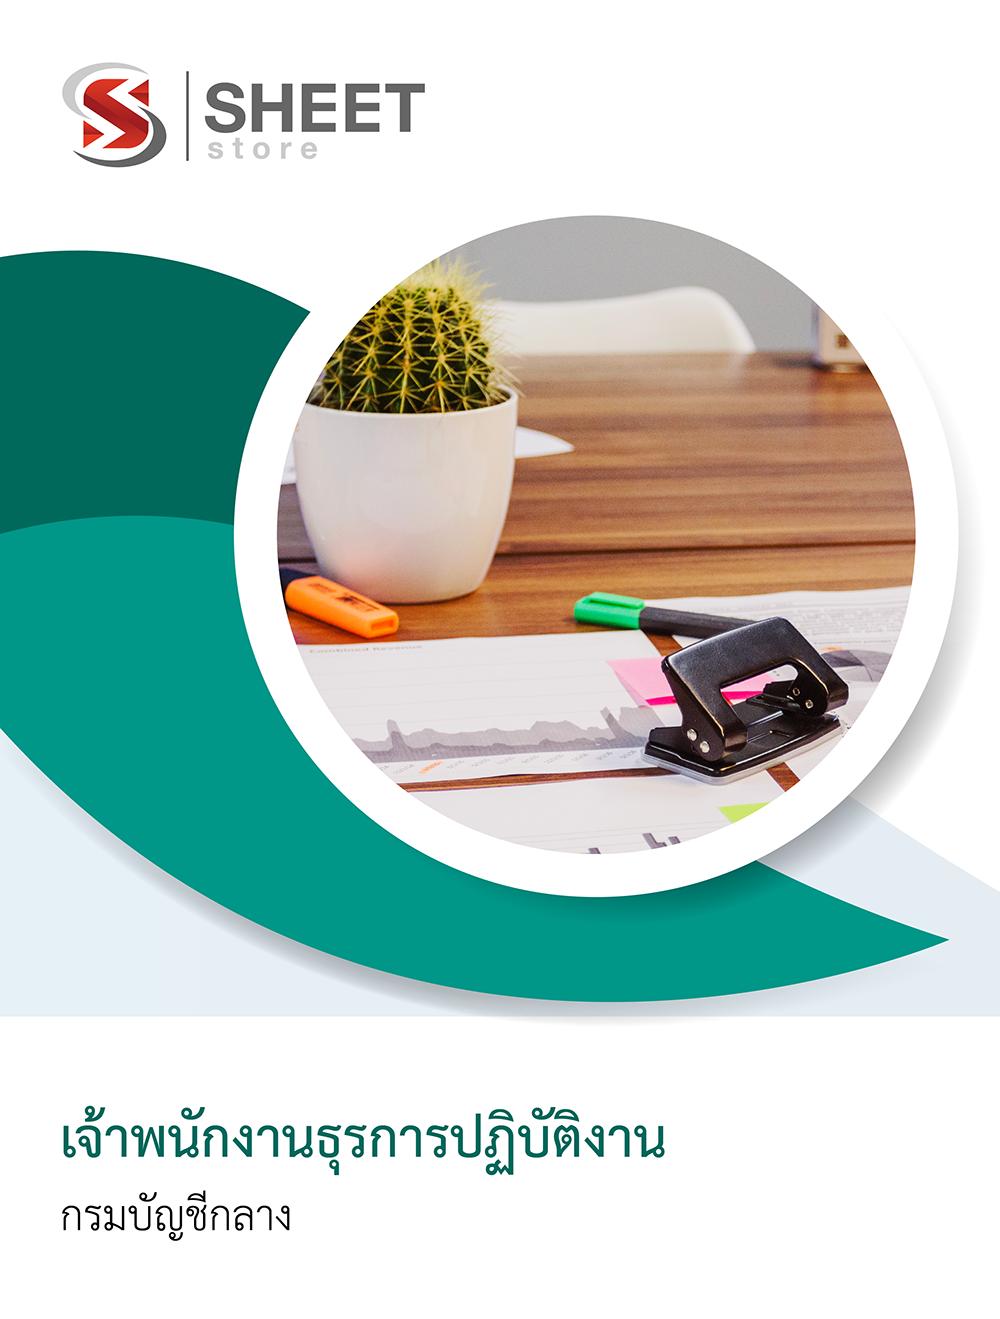 แนวข้อสอบ กรมบัญชีกลาง ตำแหน่งเจ้าพนักงานธุรการปฏิบัติงาน (พร้อมเฉลย)